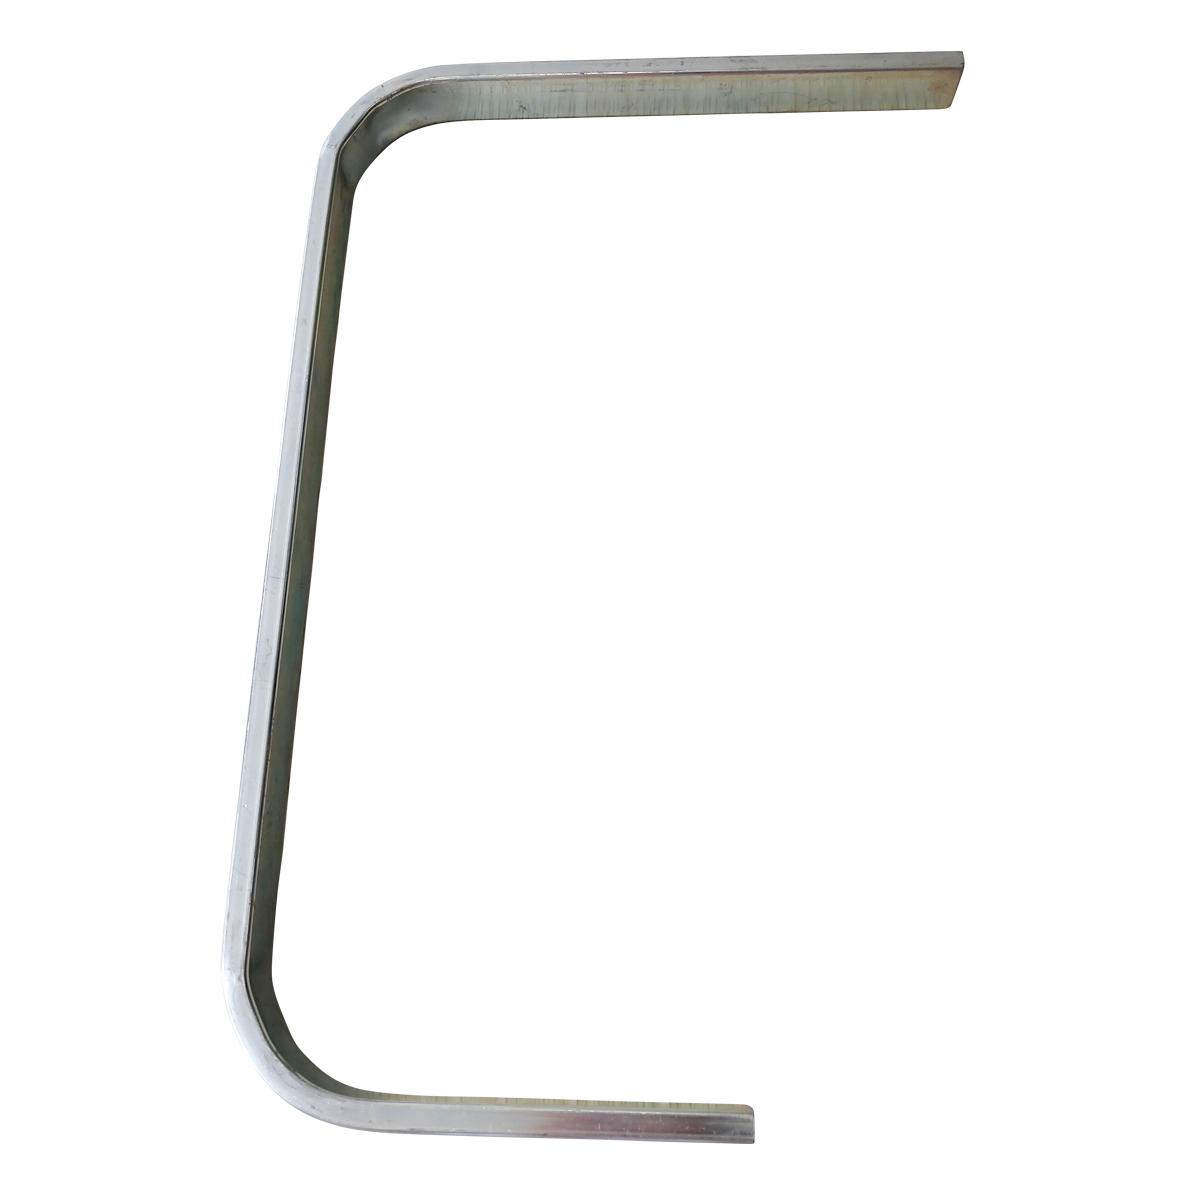 MPV Vehicle Rear Seat pipe